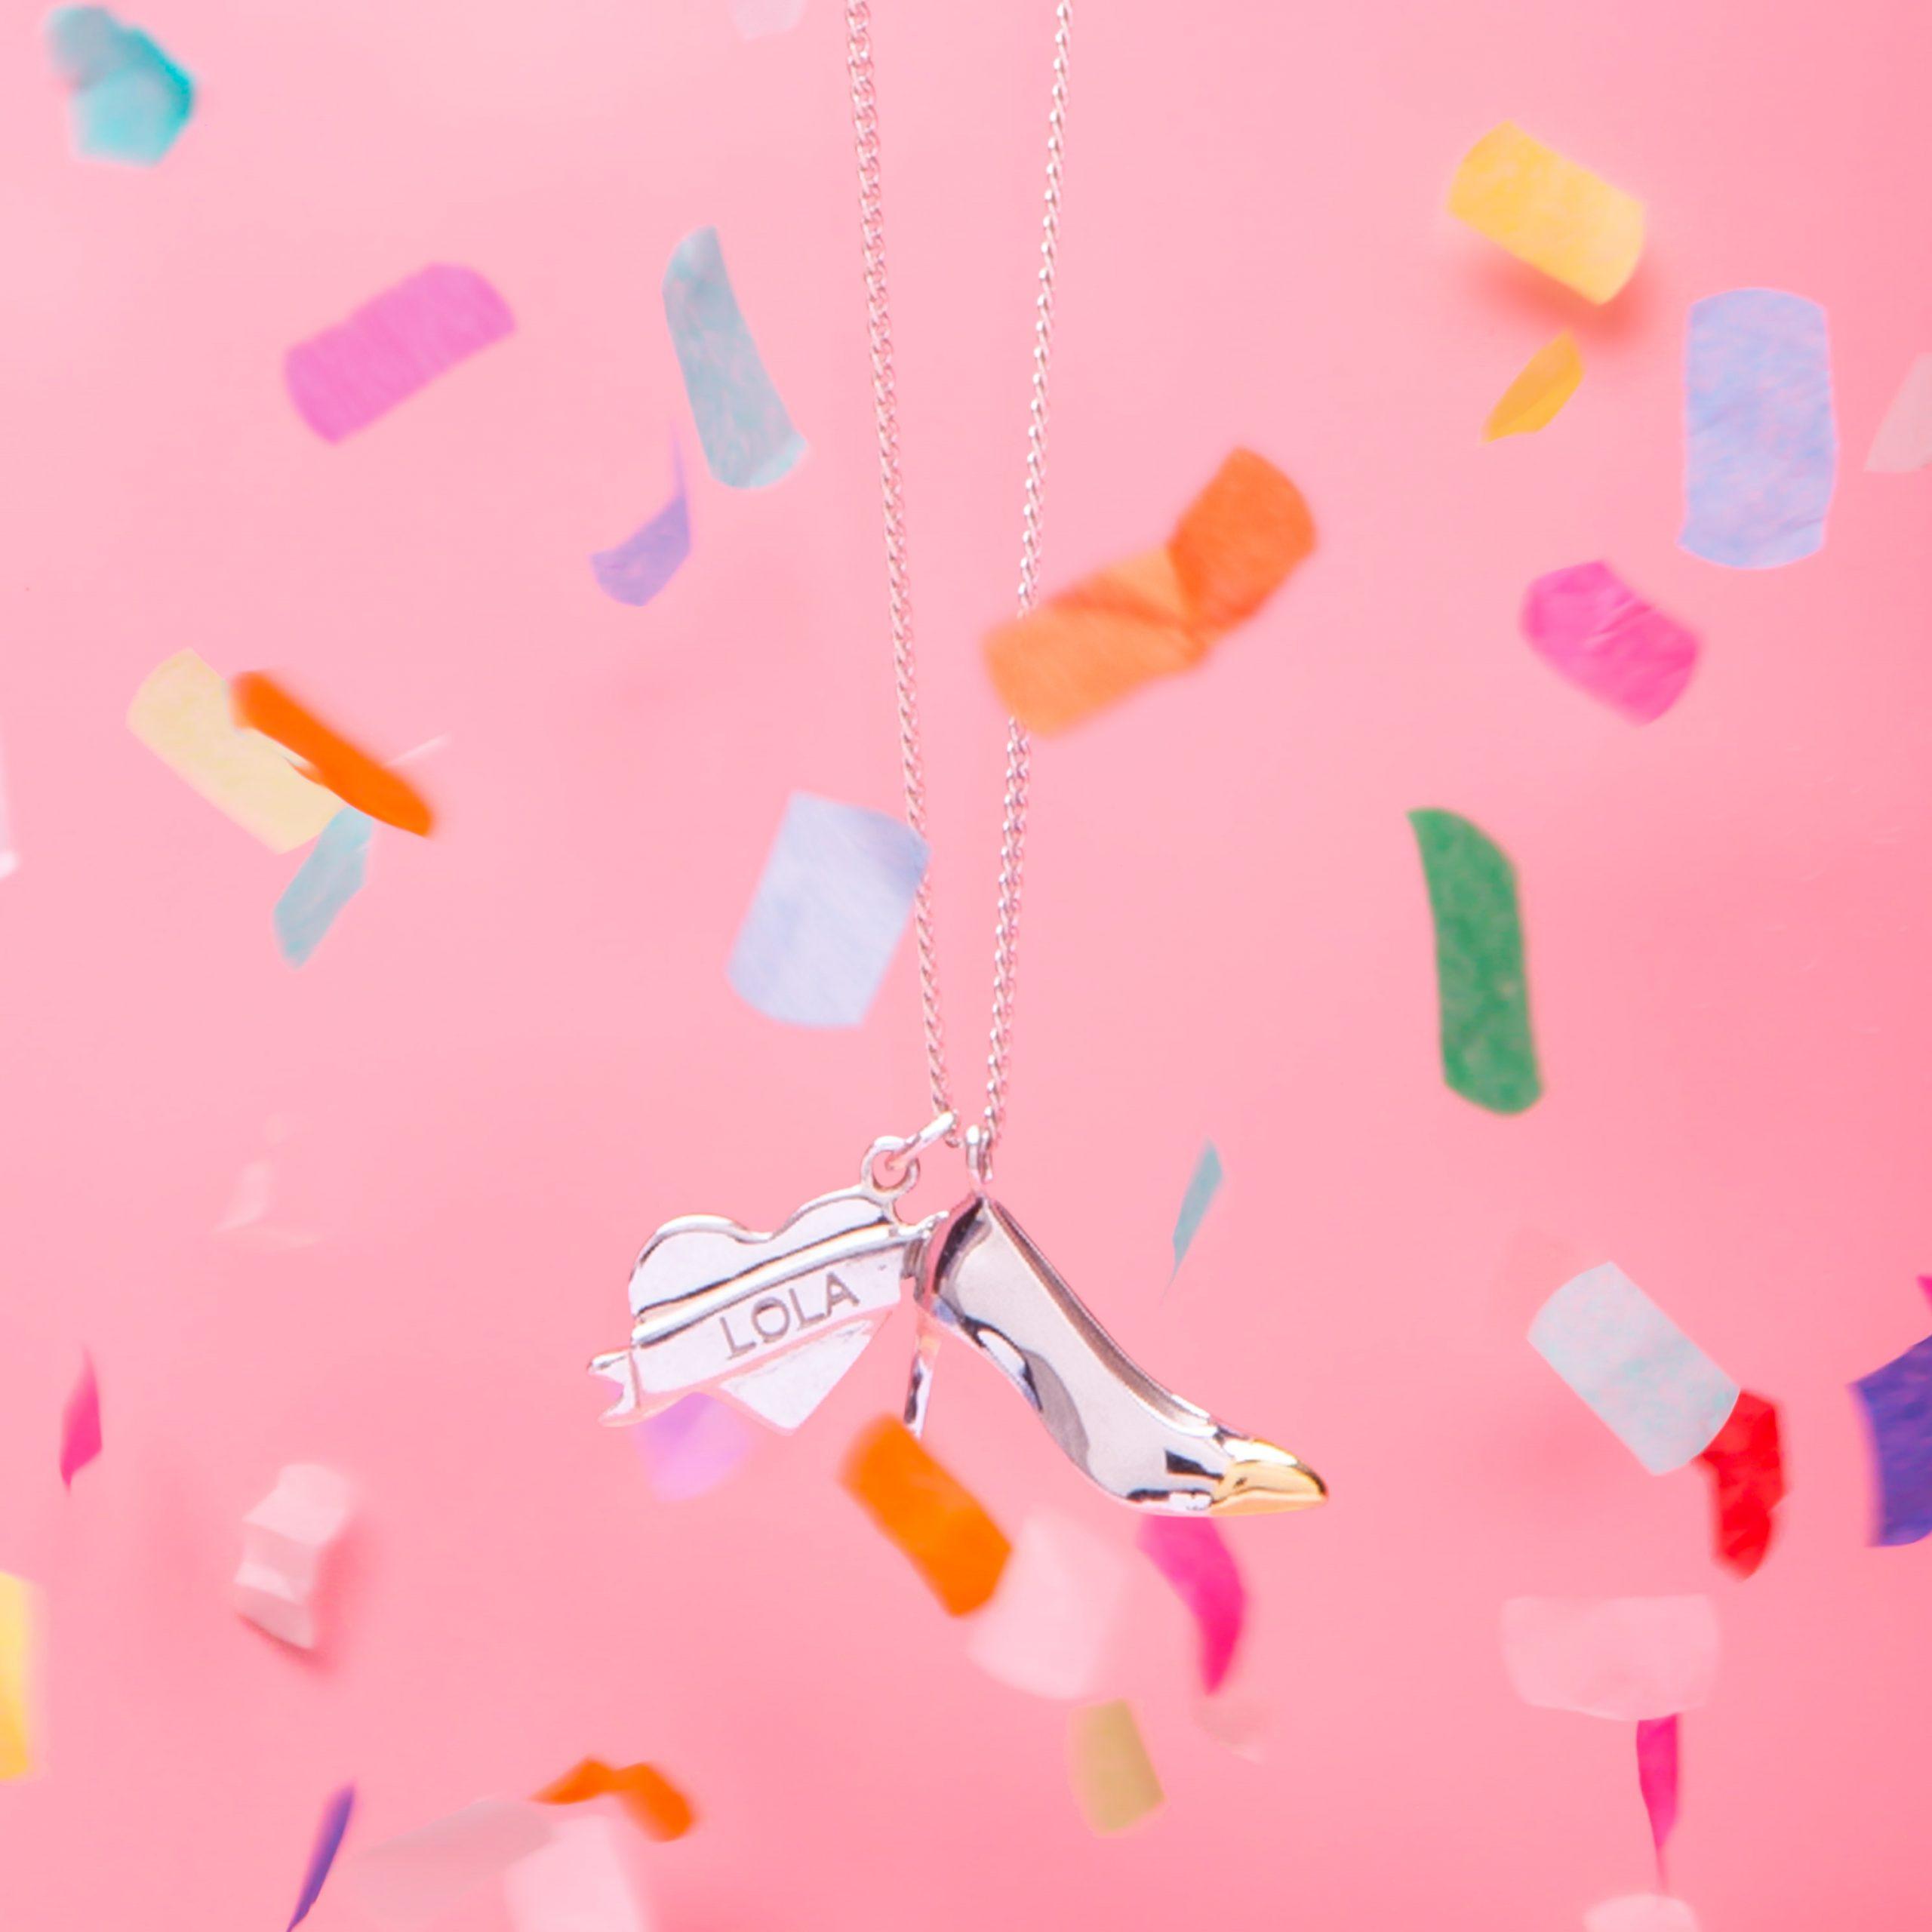 02-Confetti-Shoe-Square-Crop